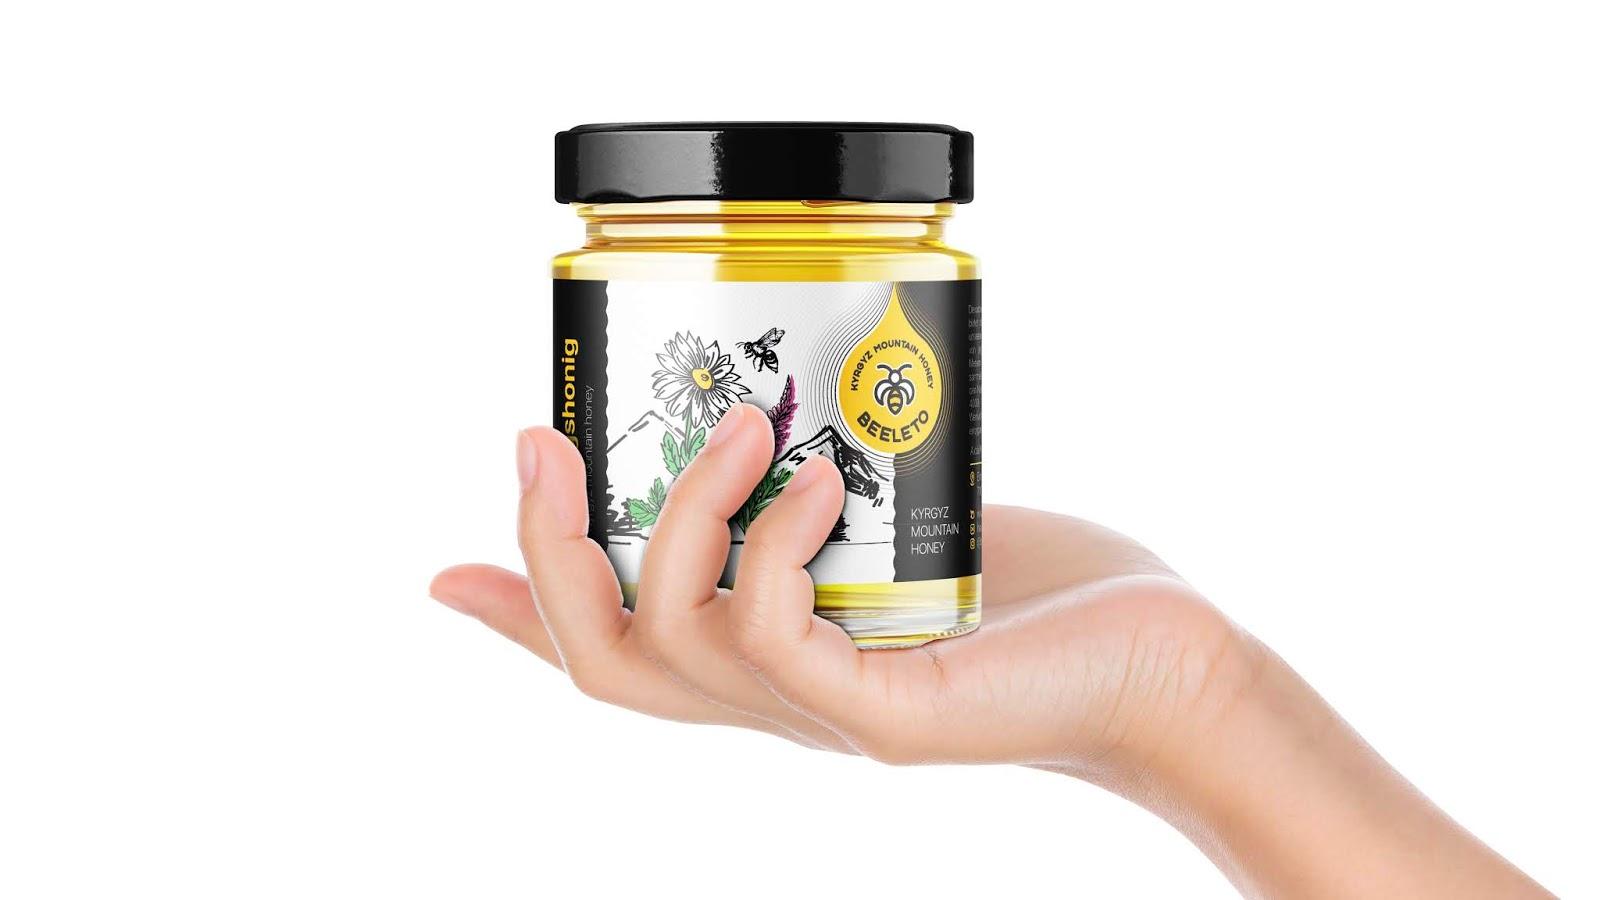 欧洲honey优质天然蜂蜜包装设计